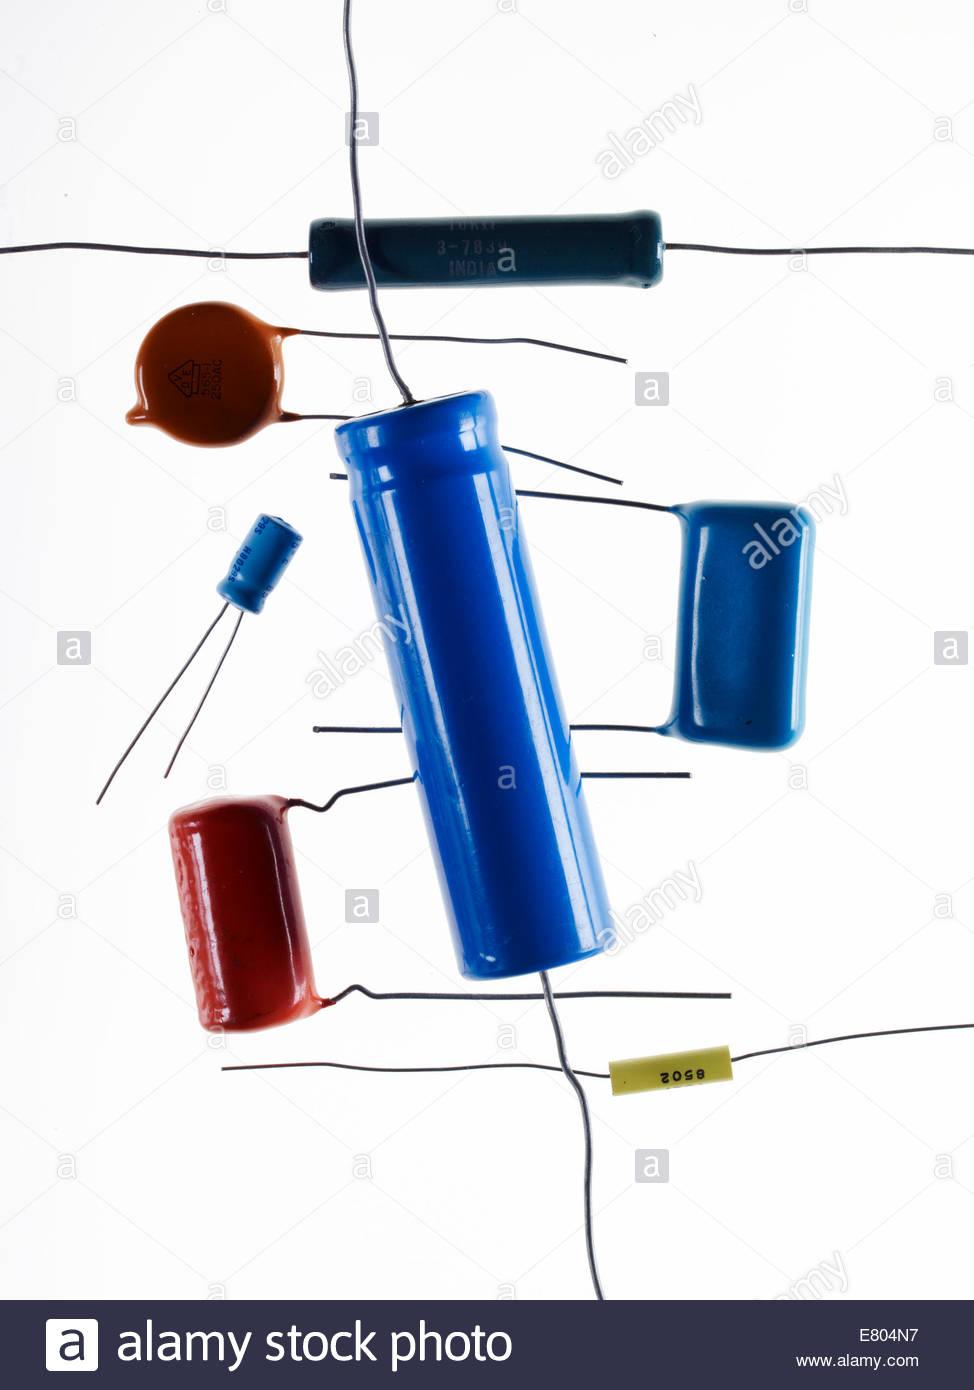 Vieux composants électroniques, les vieux transistors isolé sur fond blanc Photo Stock